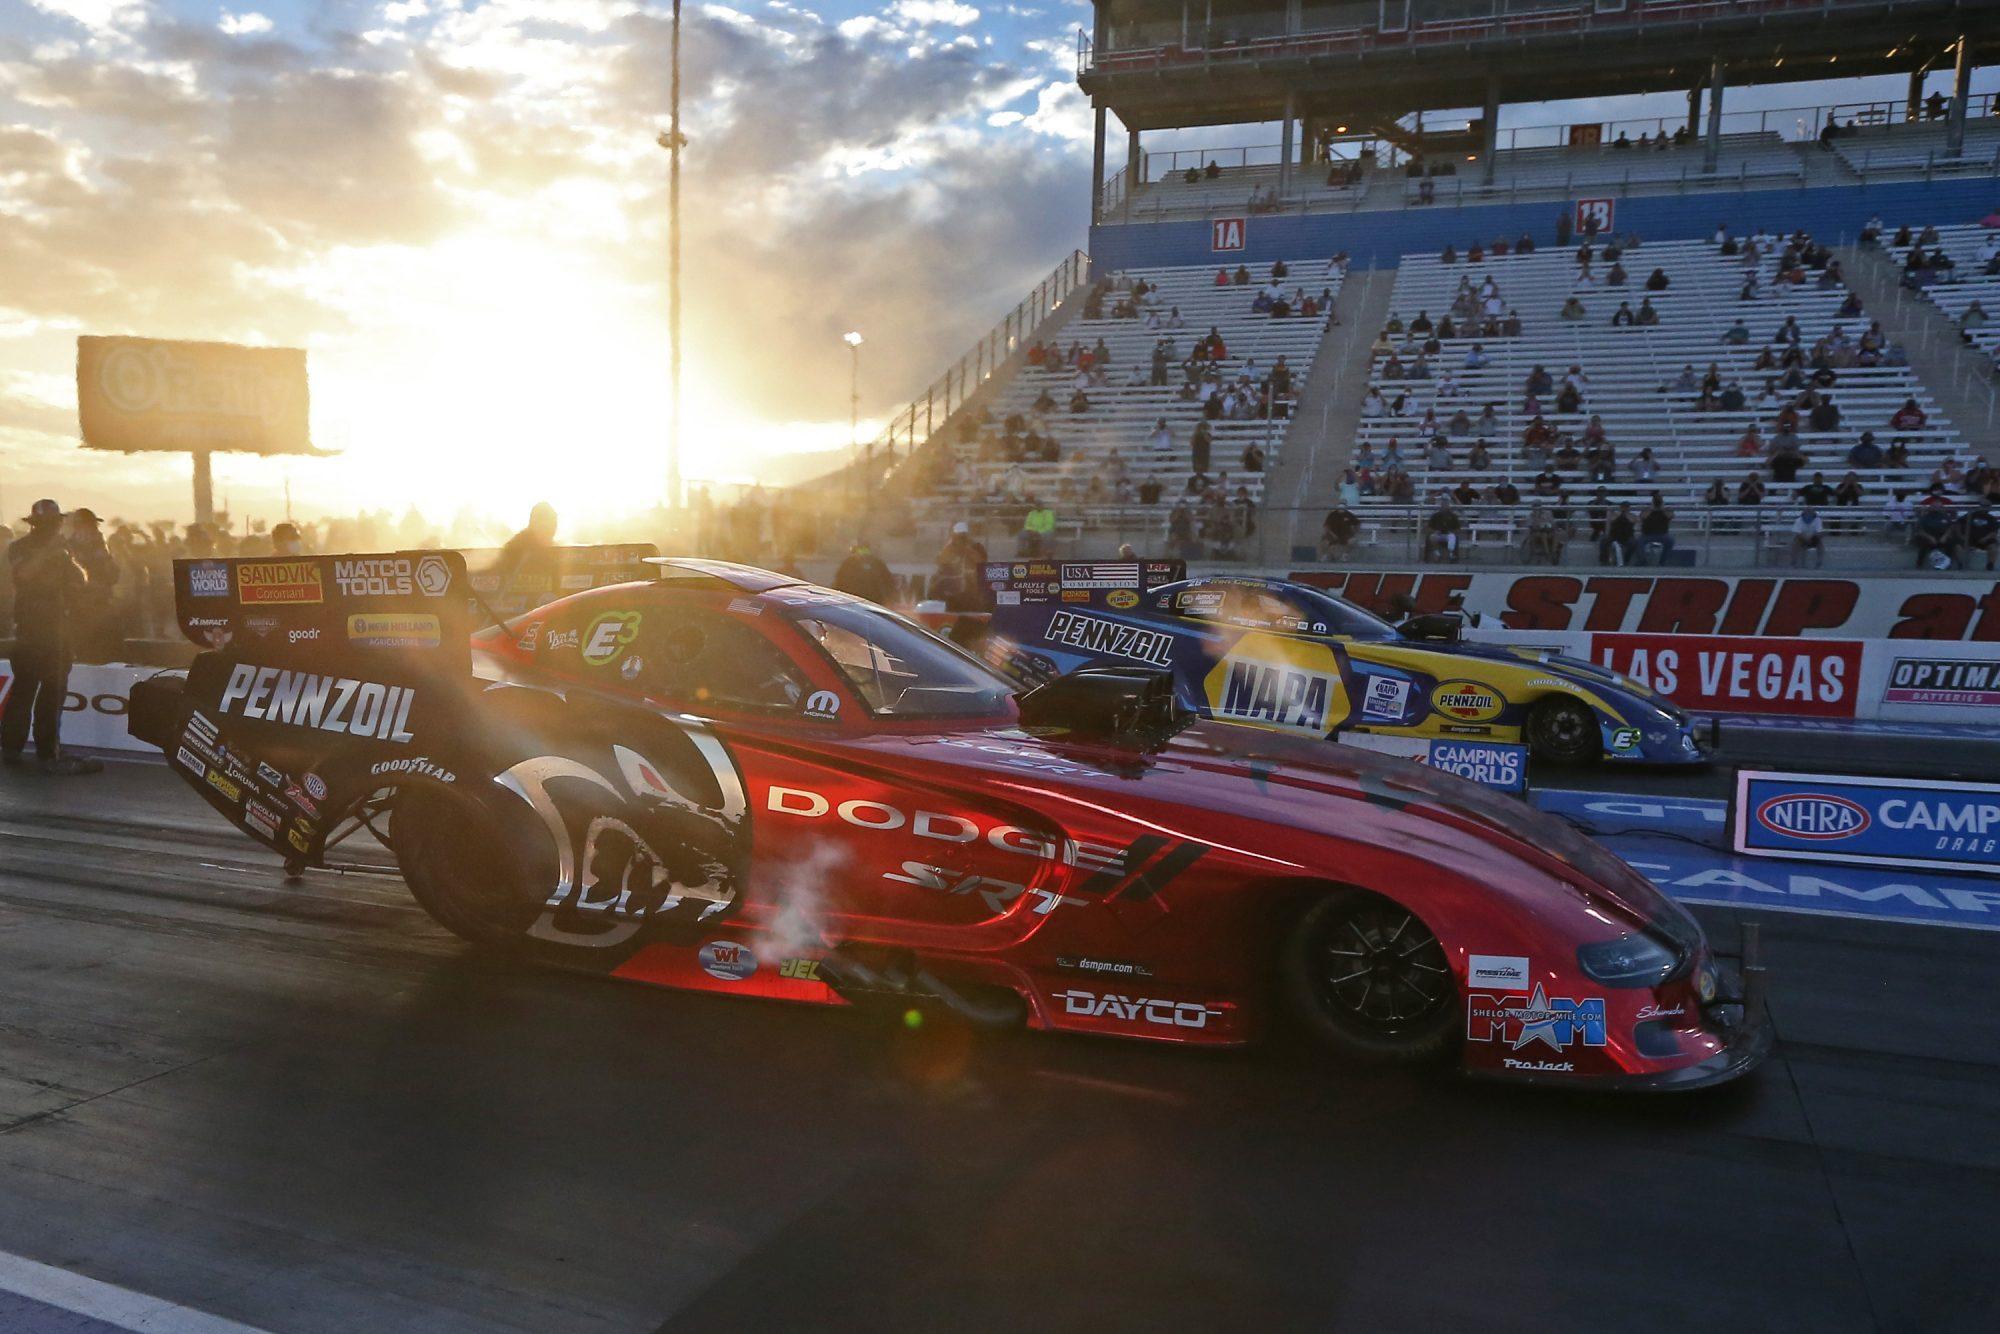 Matt Hagan and Ron Capps racing